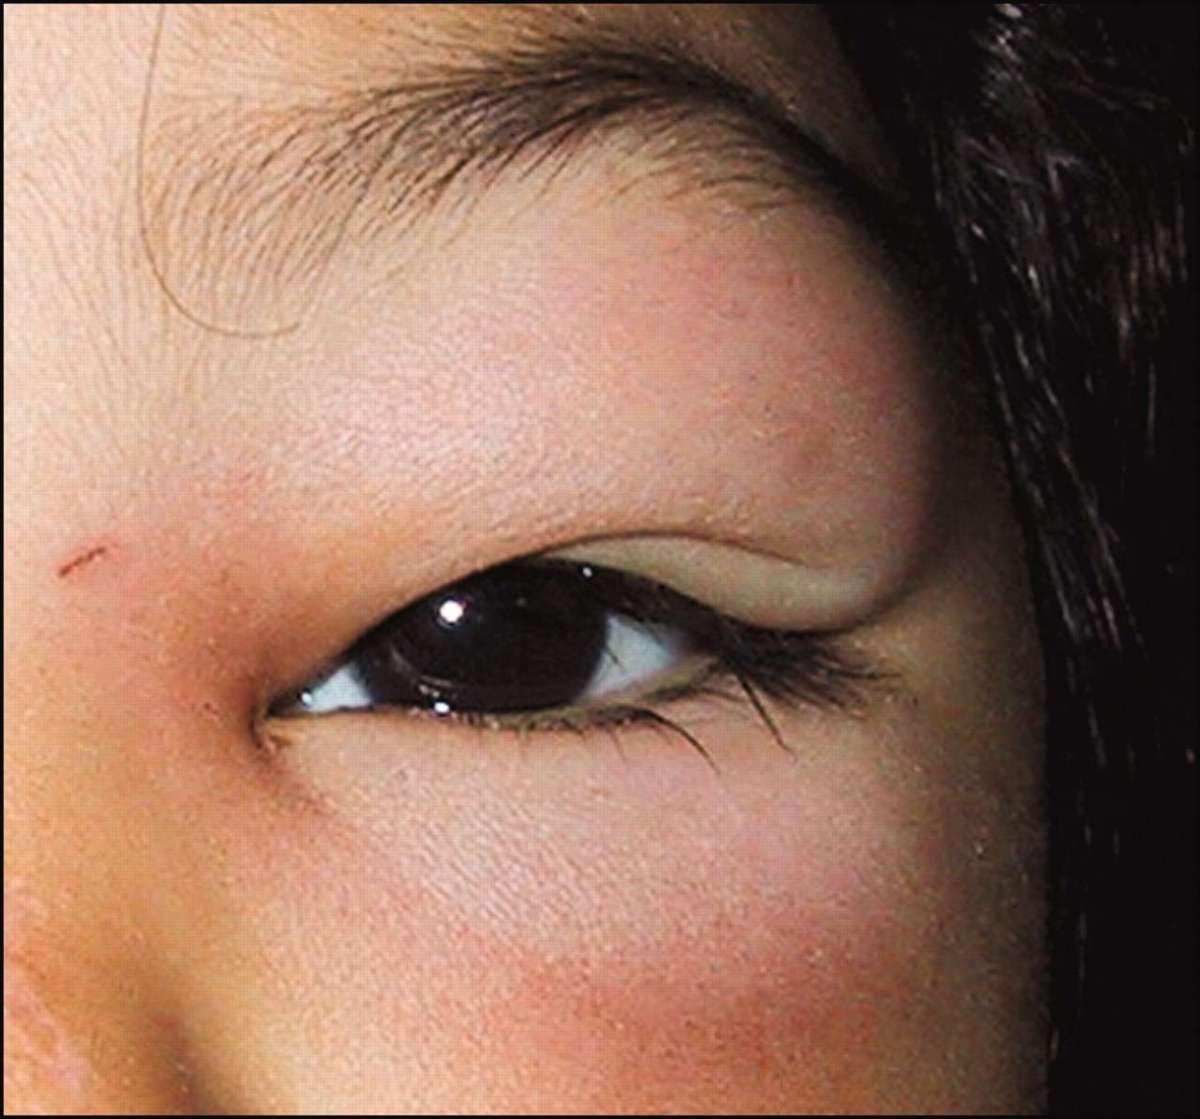 Cellulite orbitaria nei bambini: sintomi, cause e terapia [FOTO]